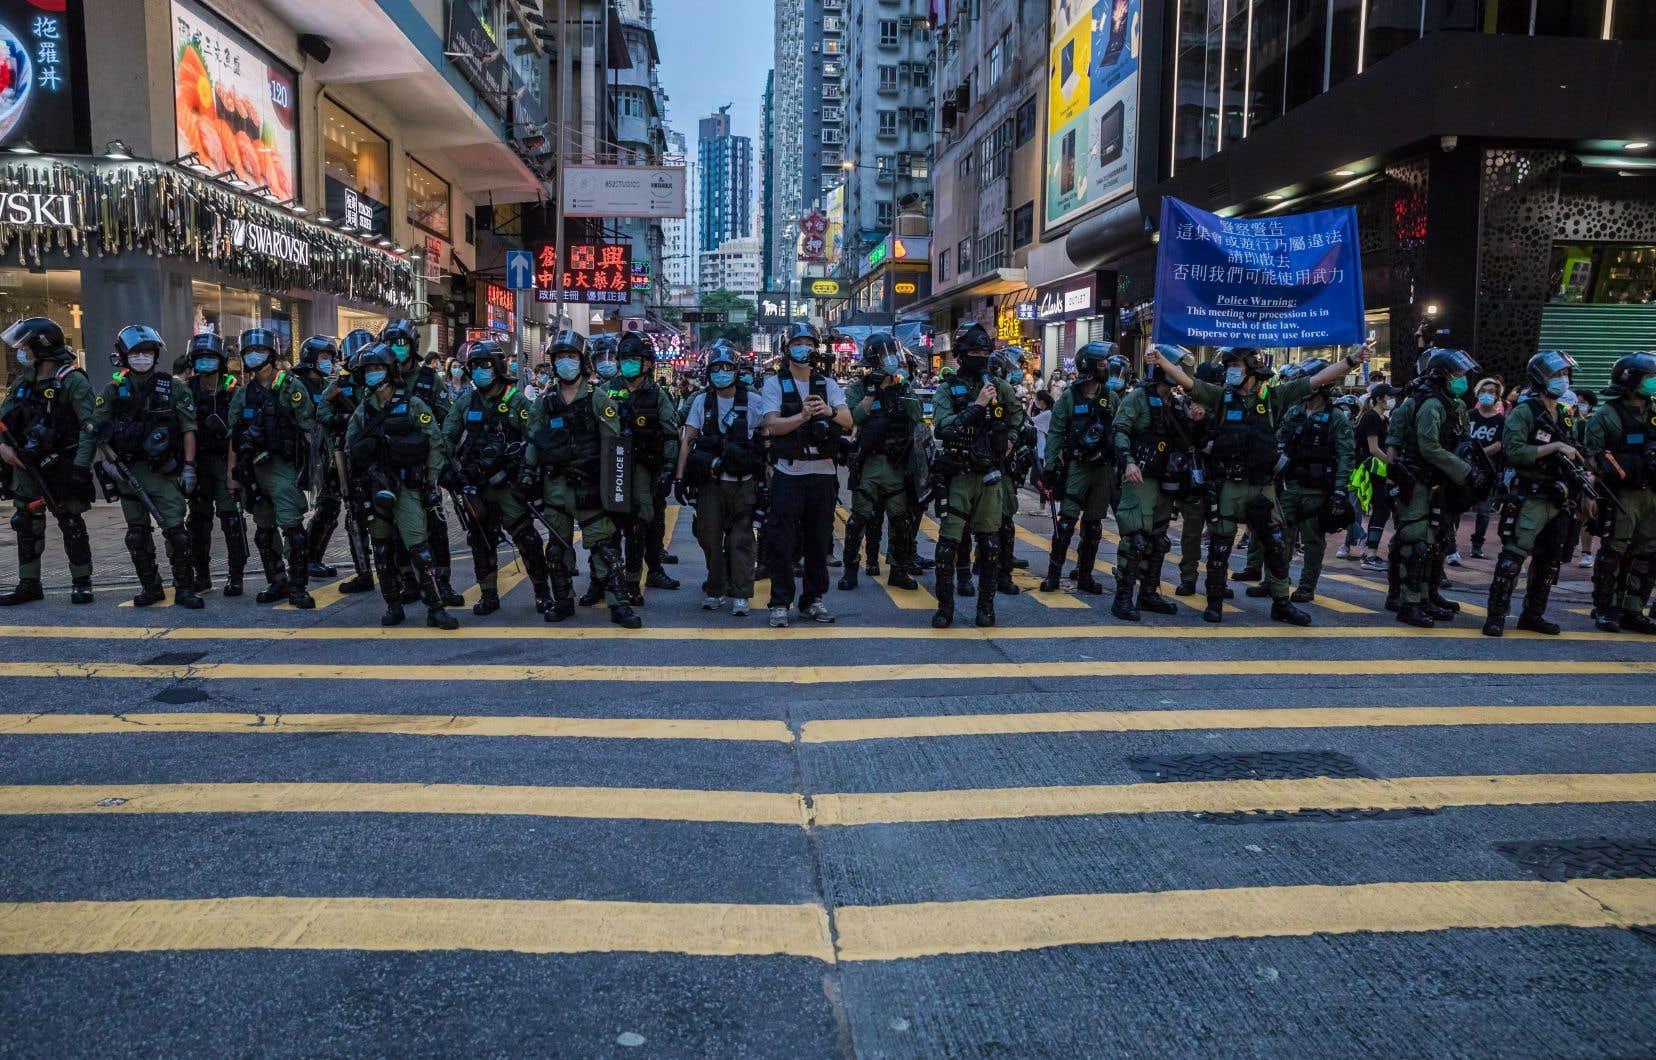 Des centaines de policiers anti-émeute ont été déployés dimanche afin de contrecarrer les appels à manifester lancés sur Internet.